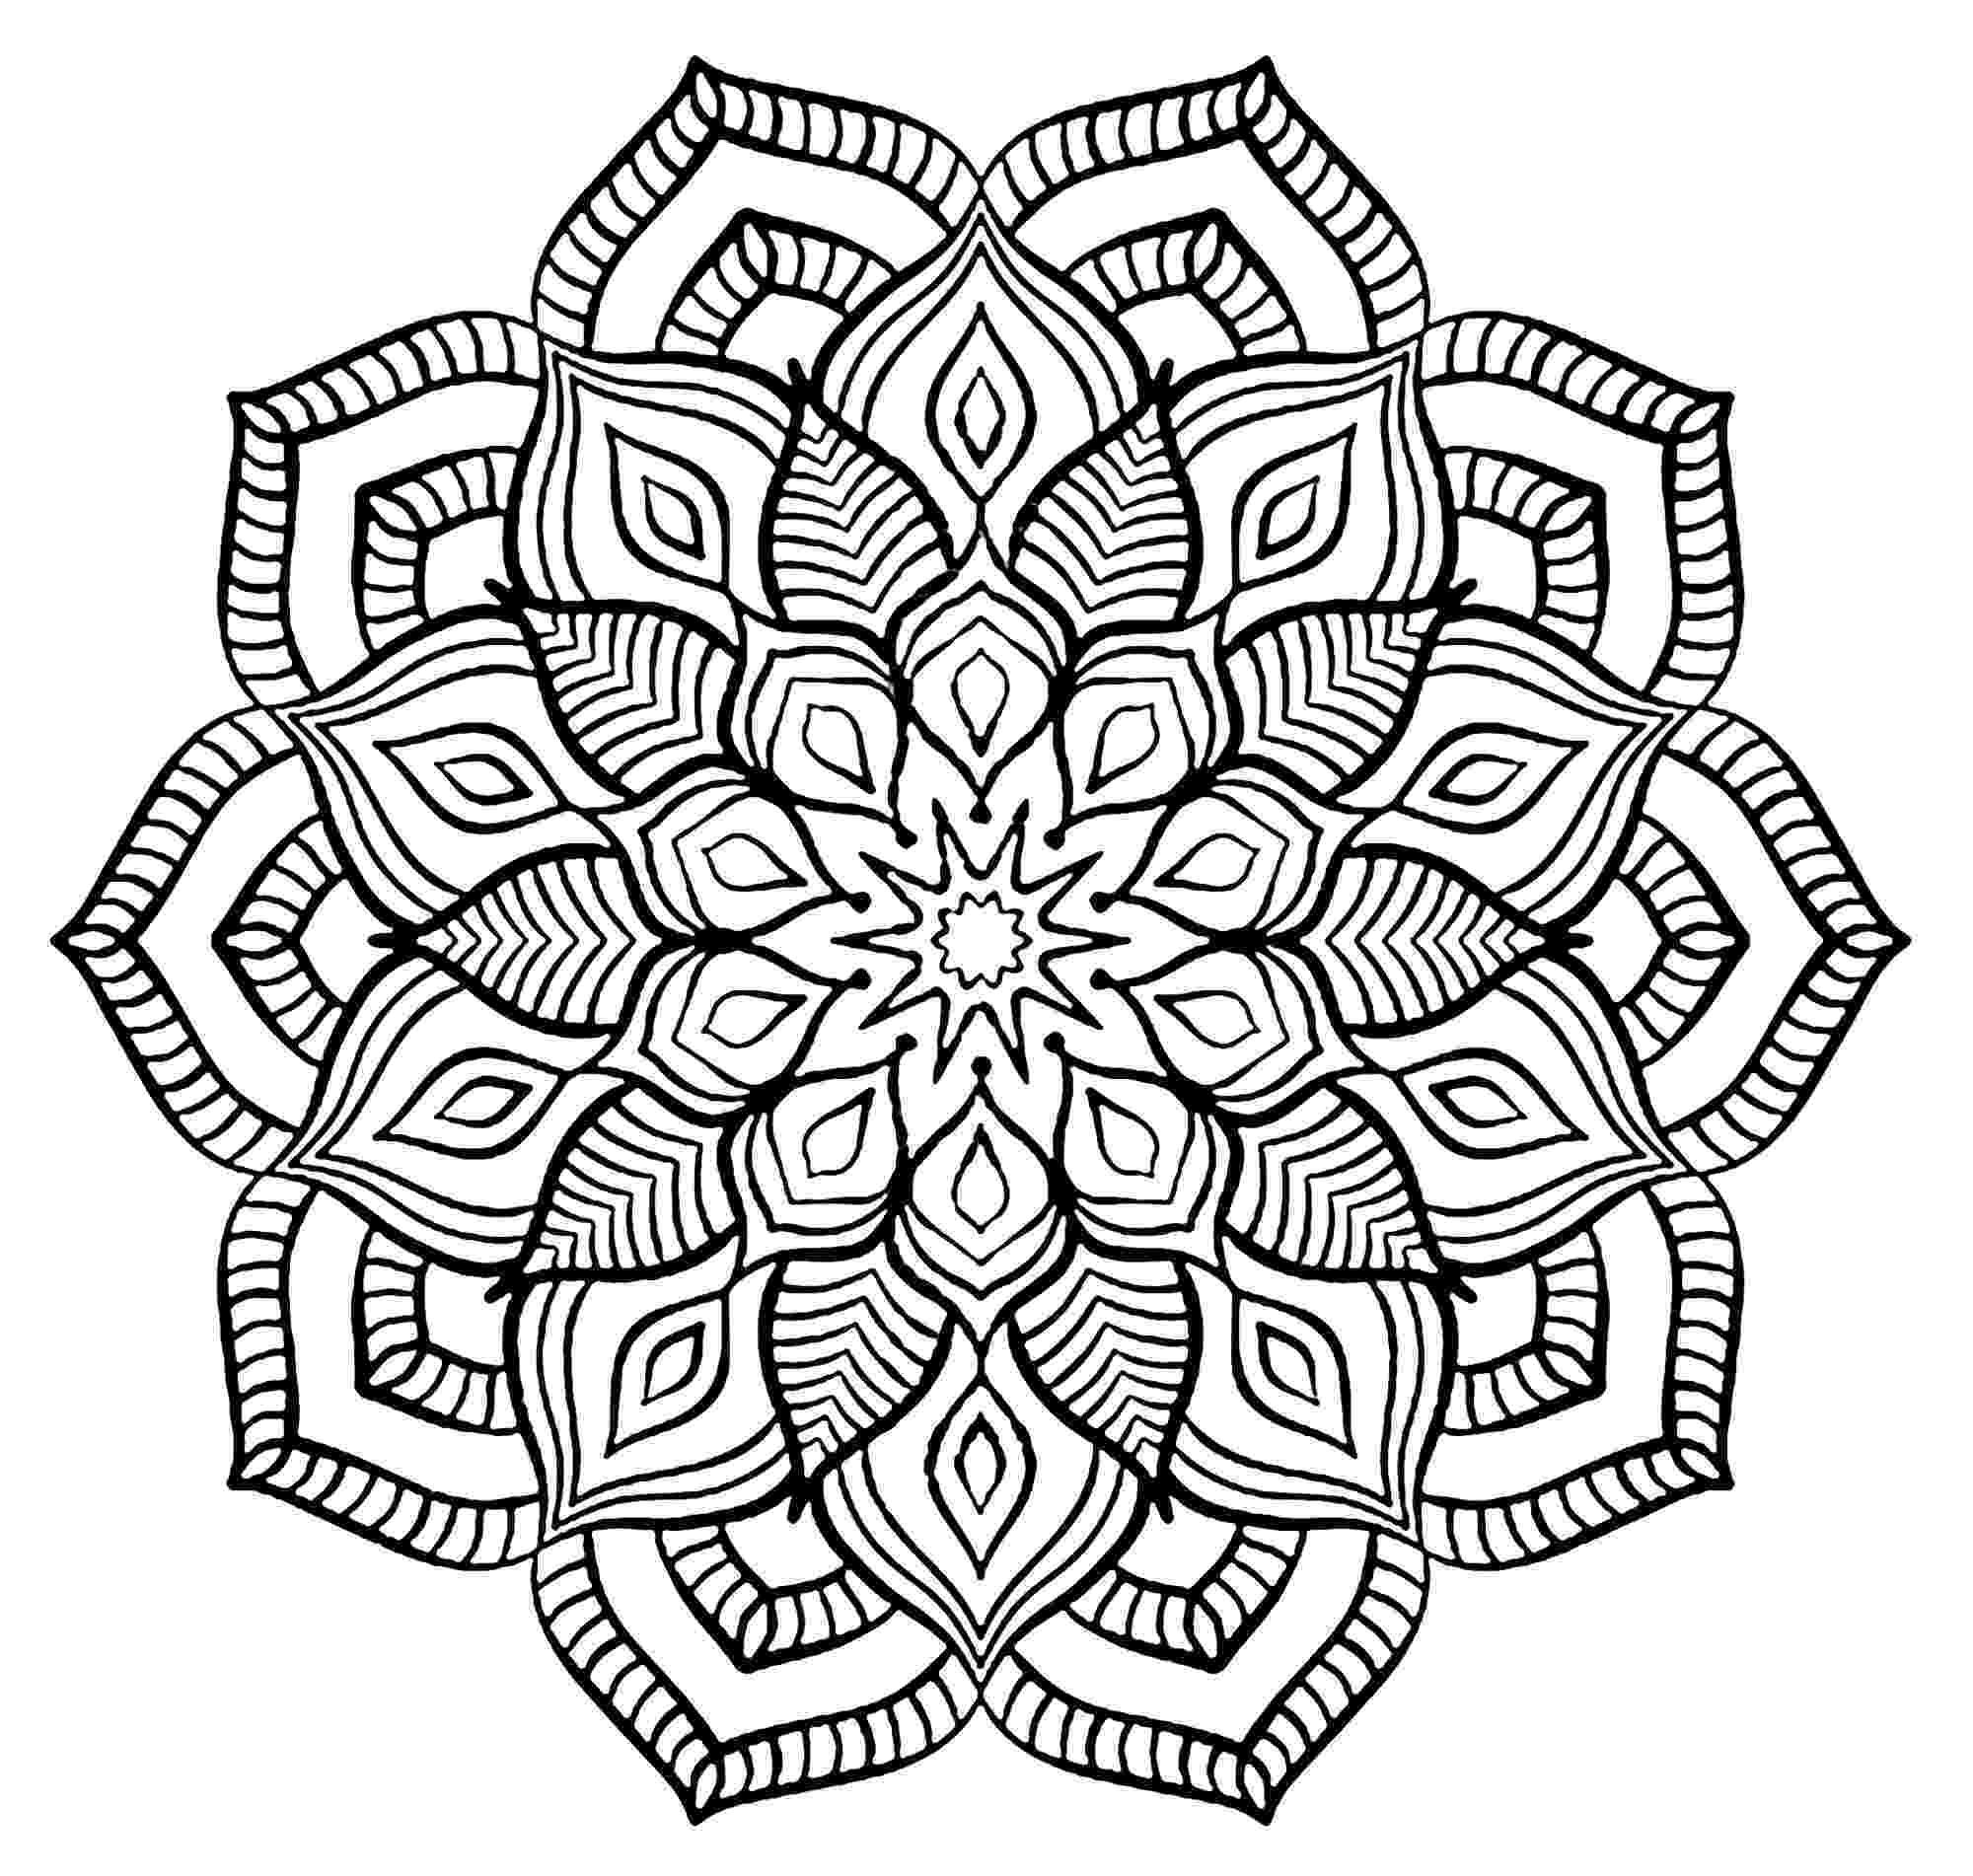 coloring mandalas for adults mandala big flower malas adult coloring pages mandalas coloring adults for